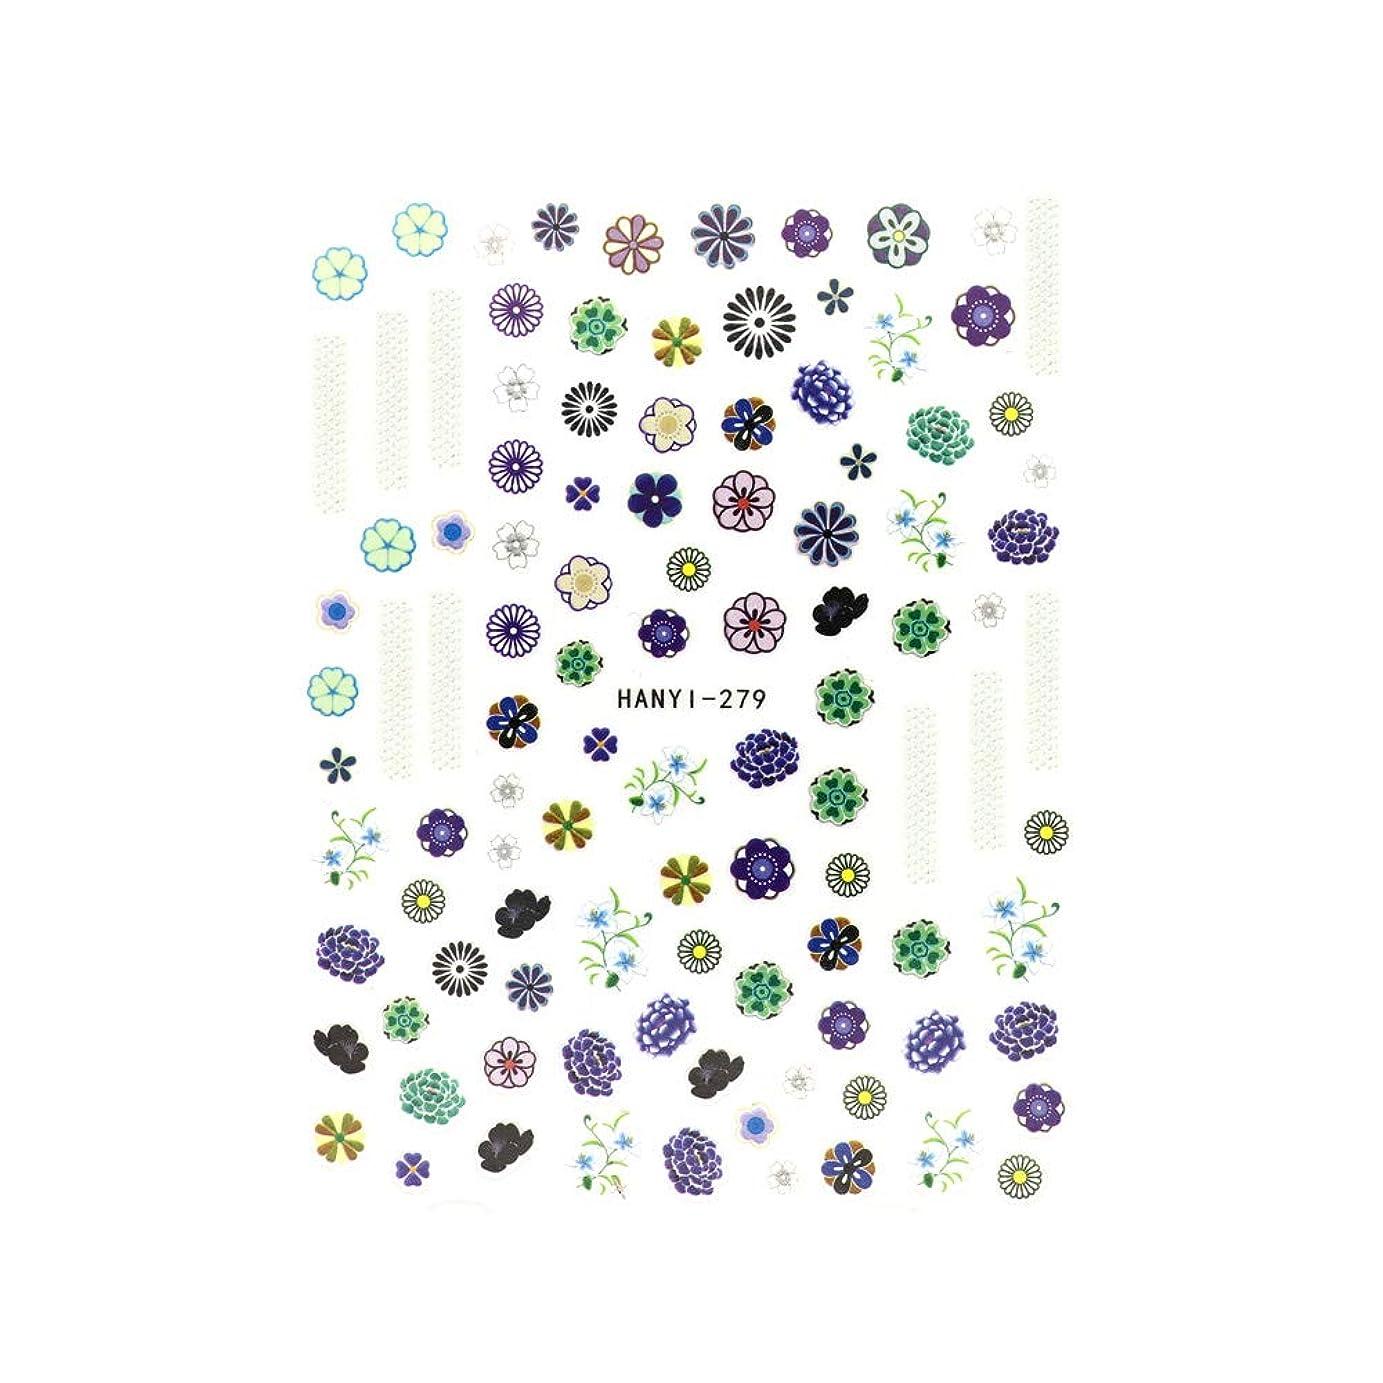 感情改修する先住民ネイルシール 古典和花シール【HANYI-279】古典和花シール ブルーフラワーネイル 花柄 和柄ネイル 和装ネイル フラワーシール 浴衣 着物 桜 牡丹